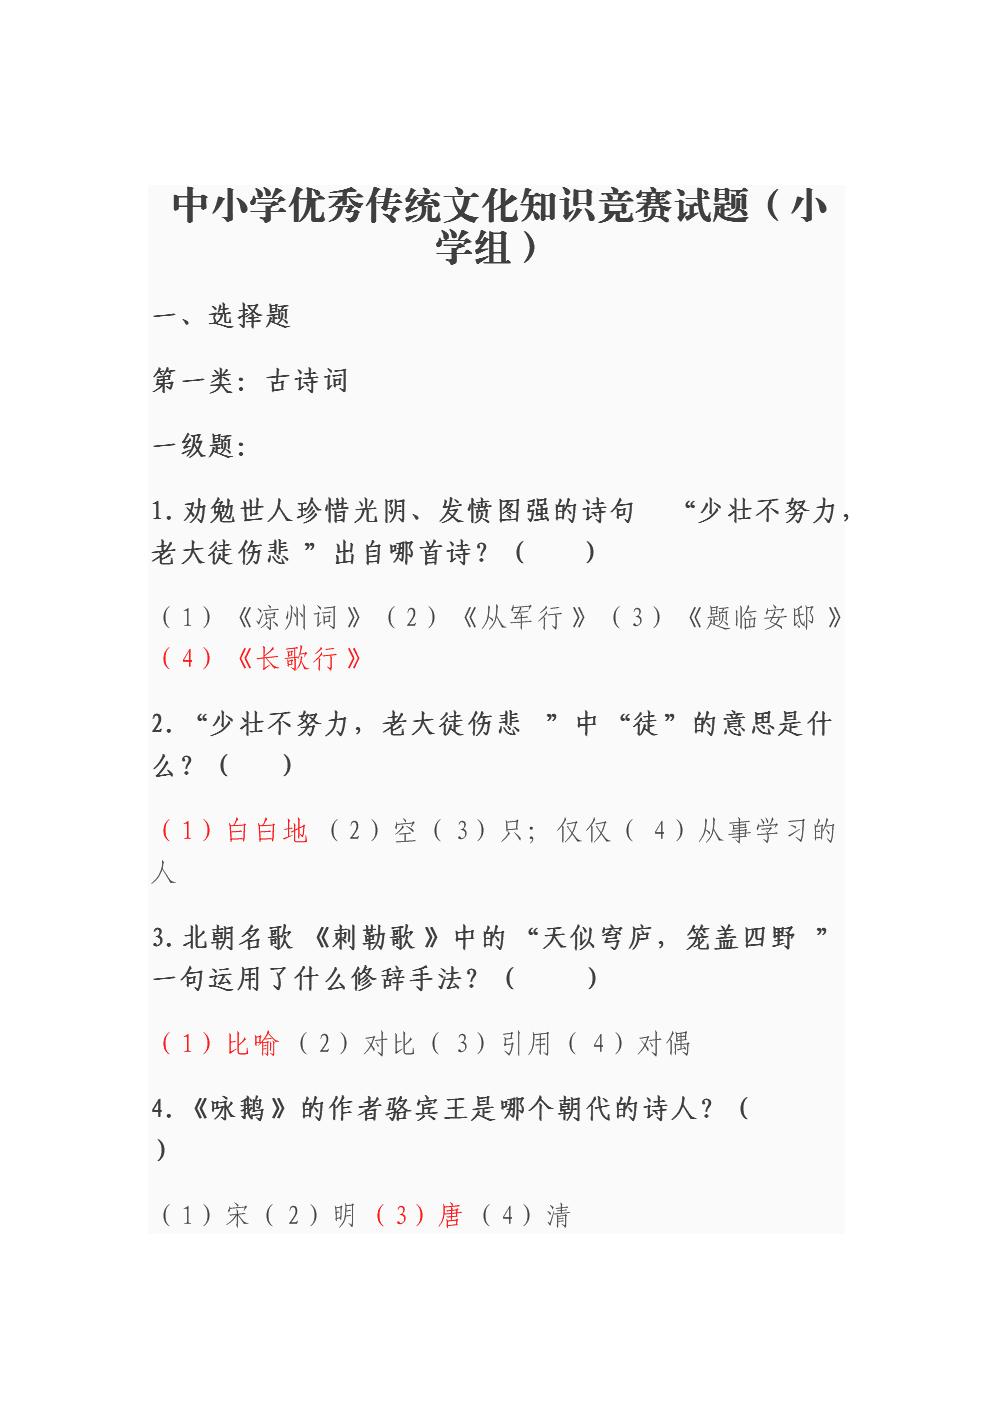 中小学优秀传统文化知识题库约450题(小学组 ).doc